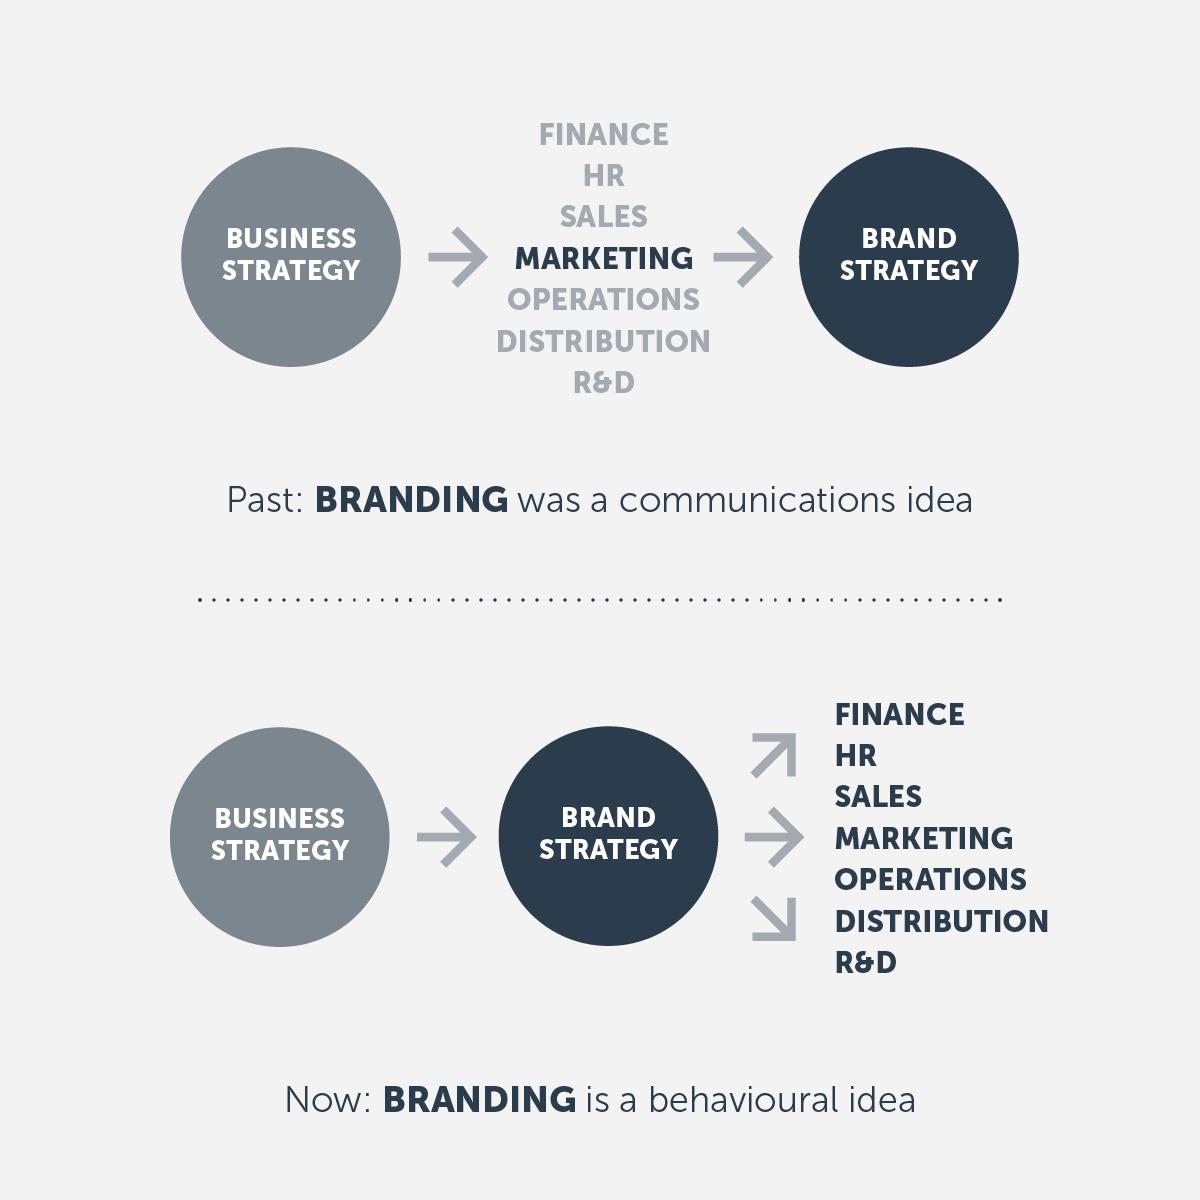 Branding is a behavioural idea